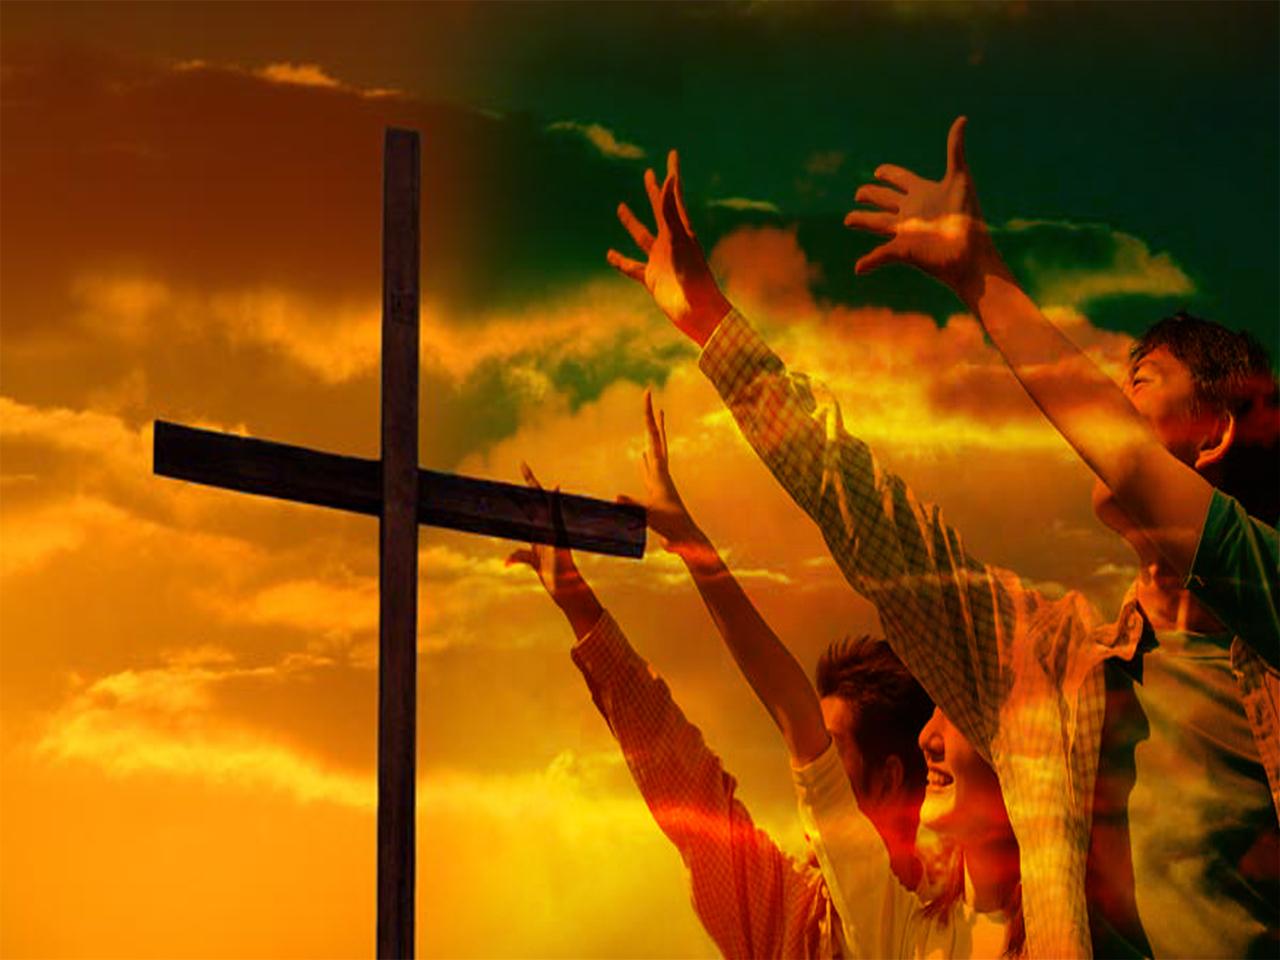 jesus-die-aanbidder